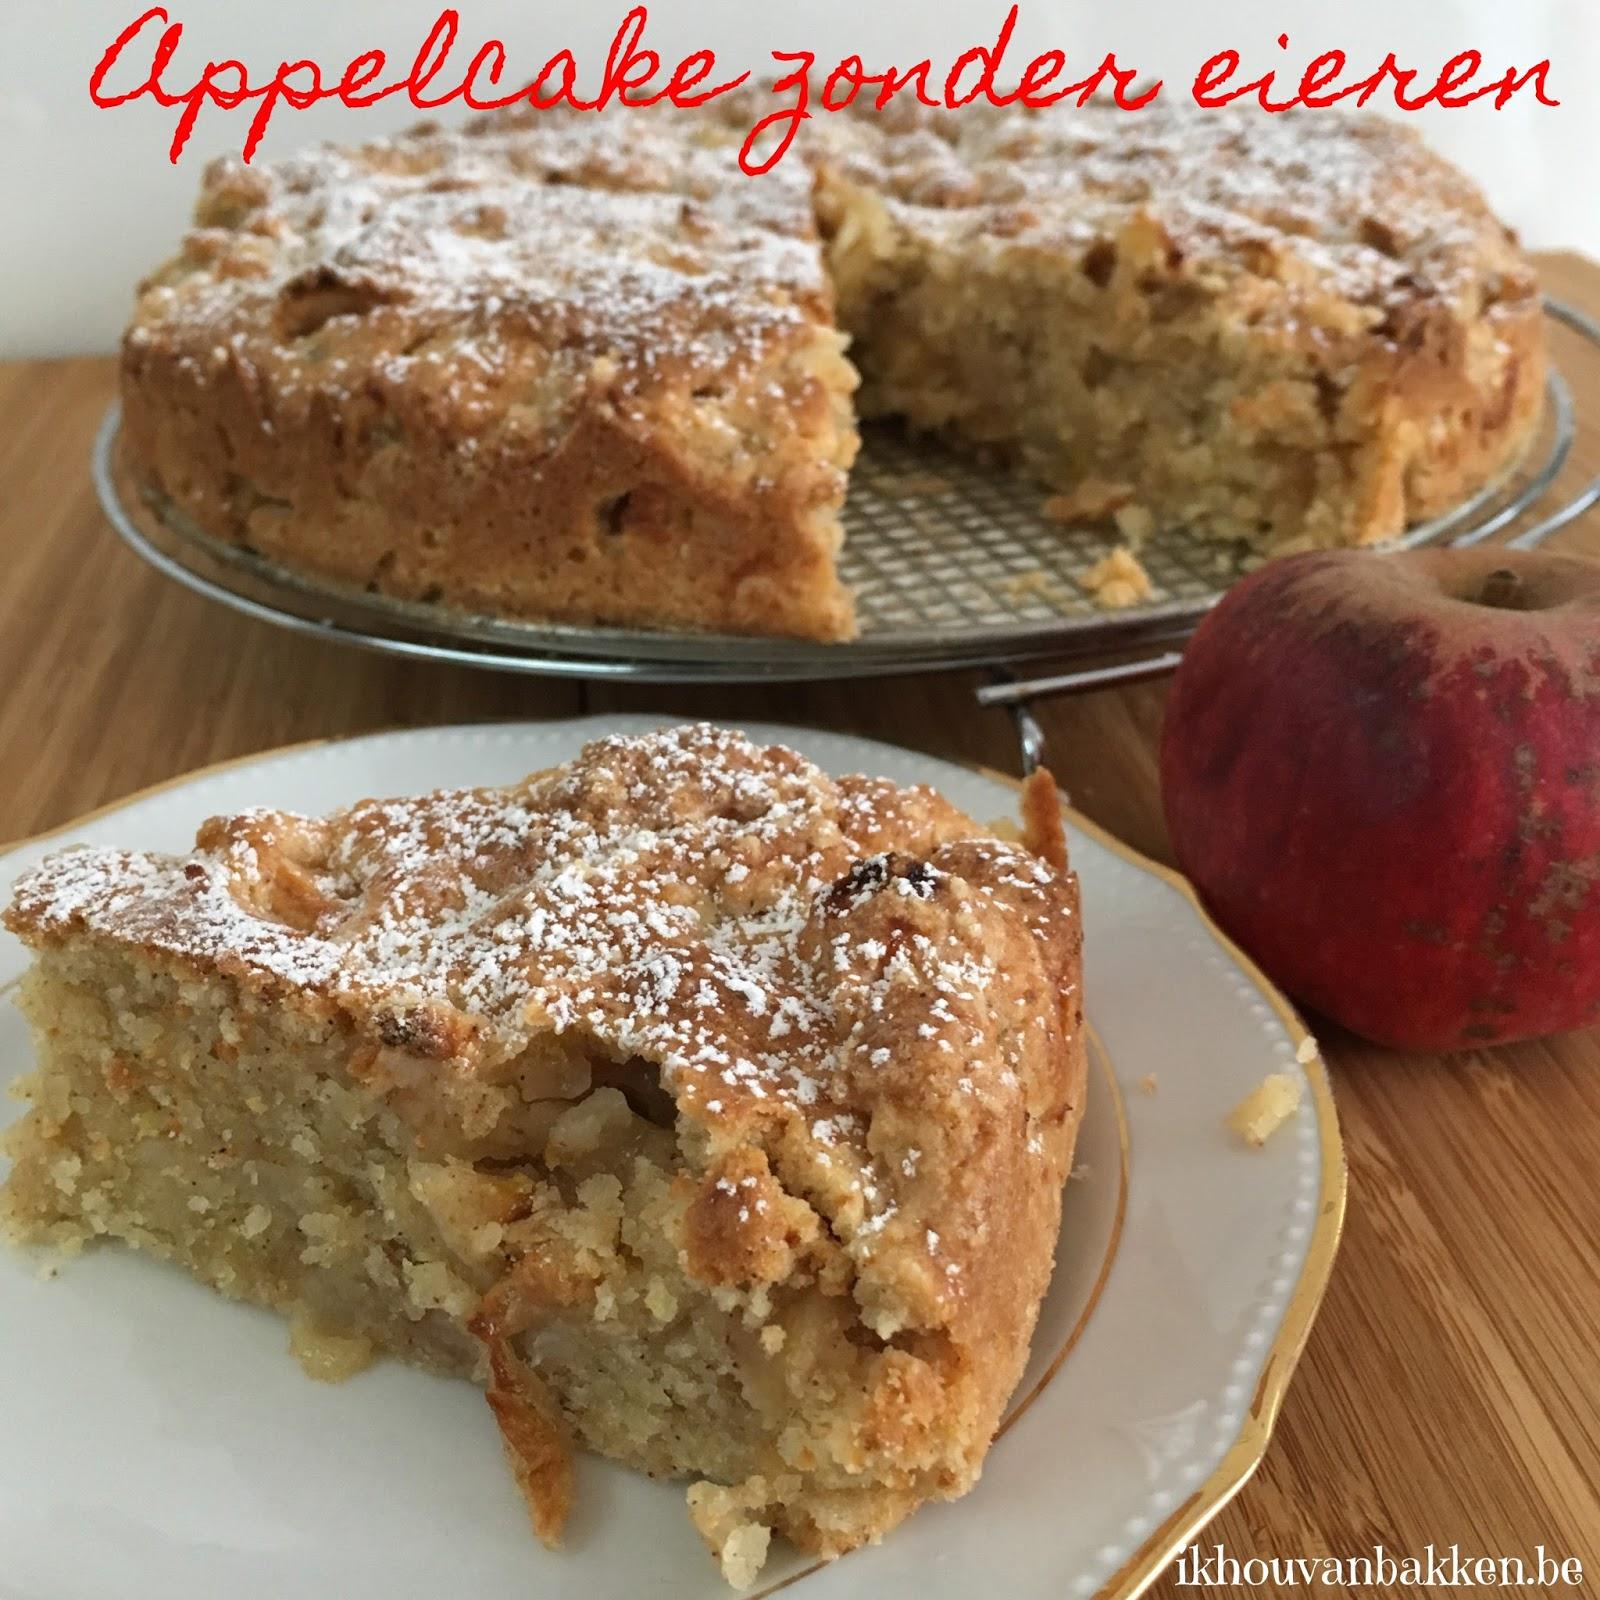 cake zonder ei met zelfrijzend bakmeel